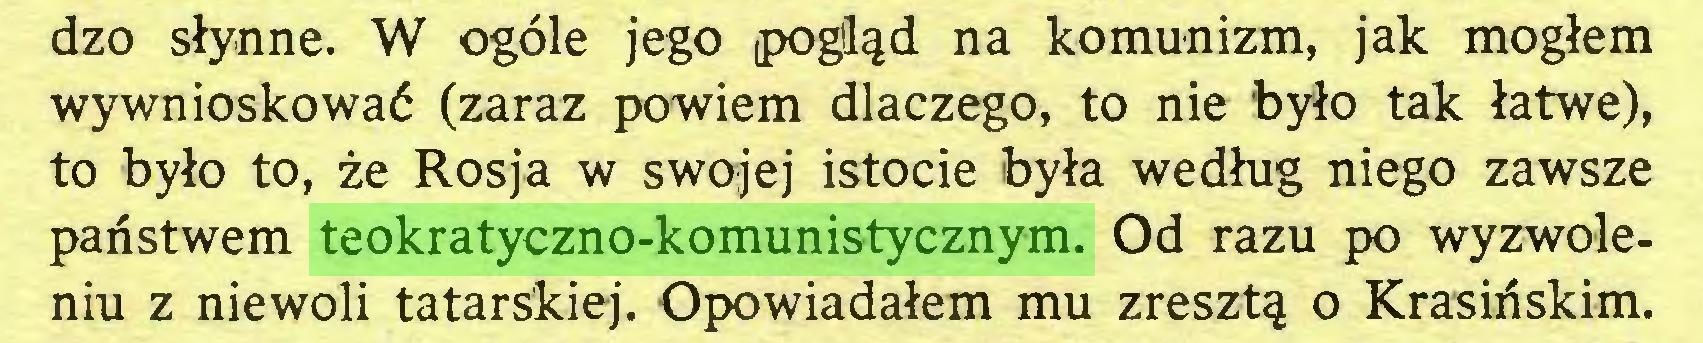 (...) dzo słynne. W ogóle jego pogląd na komunizm, jak mogłem wywnioskować (zaraz powiem dlaczego, to nie było tak łatwe), to było to, że Rosja w swojej istocie była według niego zawsze państwem teokratyczno-komunistycznym. Od razu po wyzwoleniu z niewoli tatarskiej. Opowiadałem mu zresztą o Krasińskim...